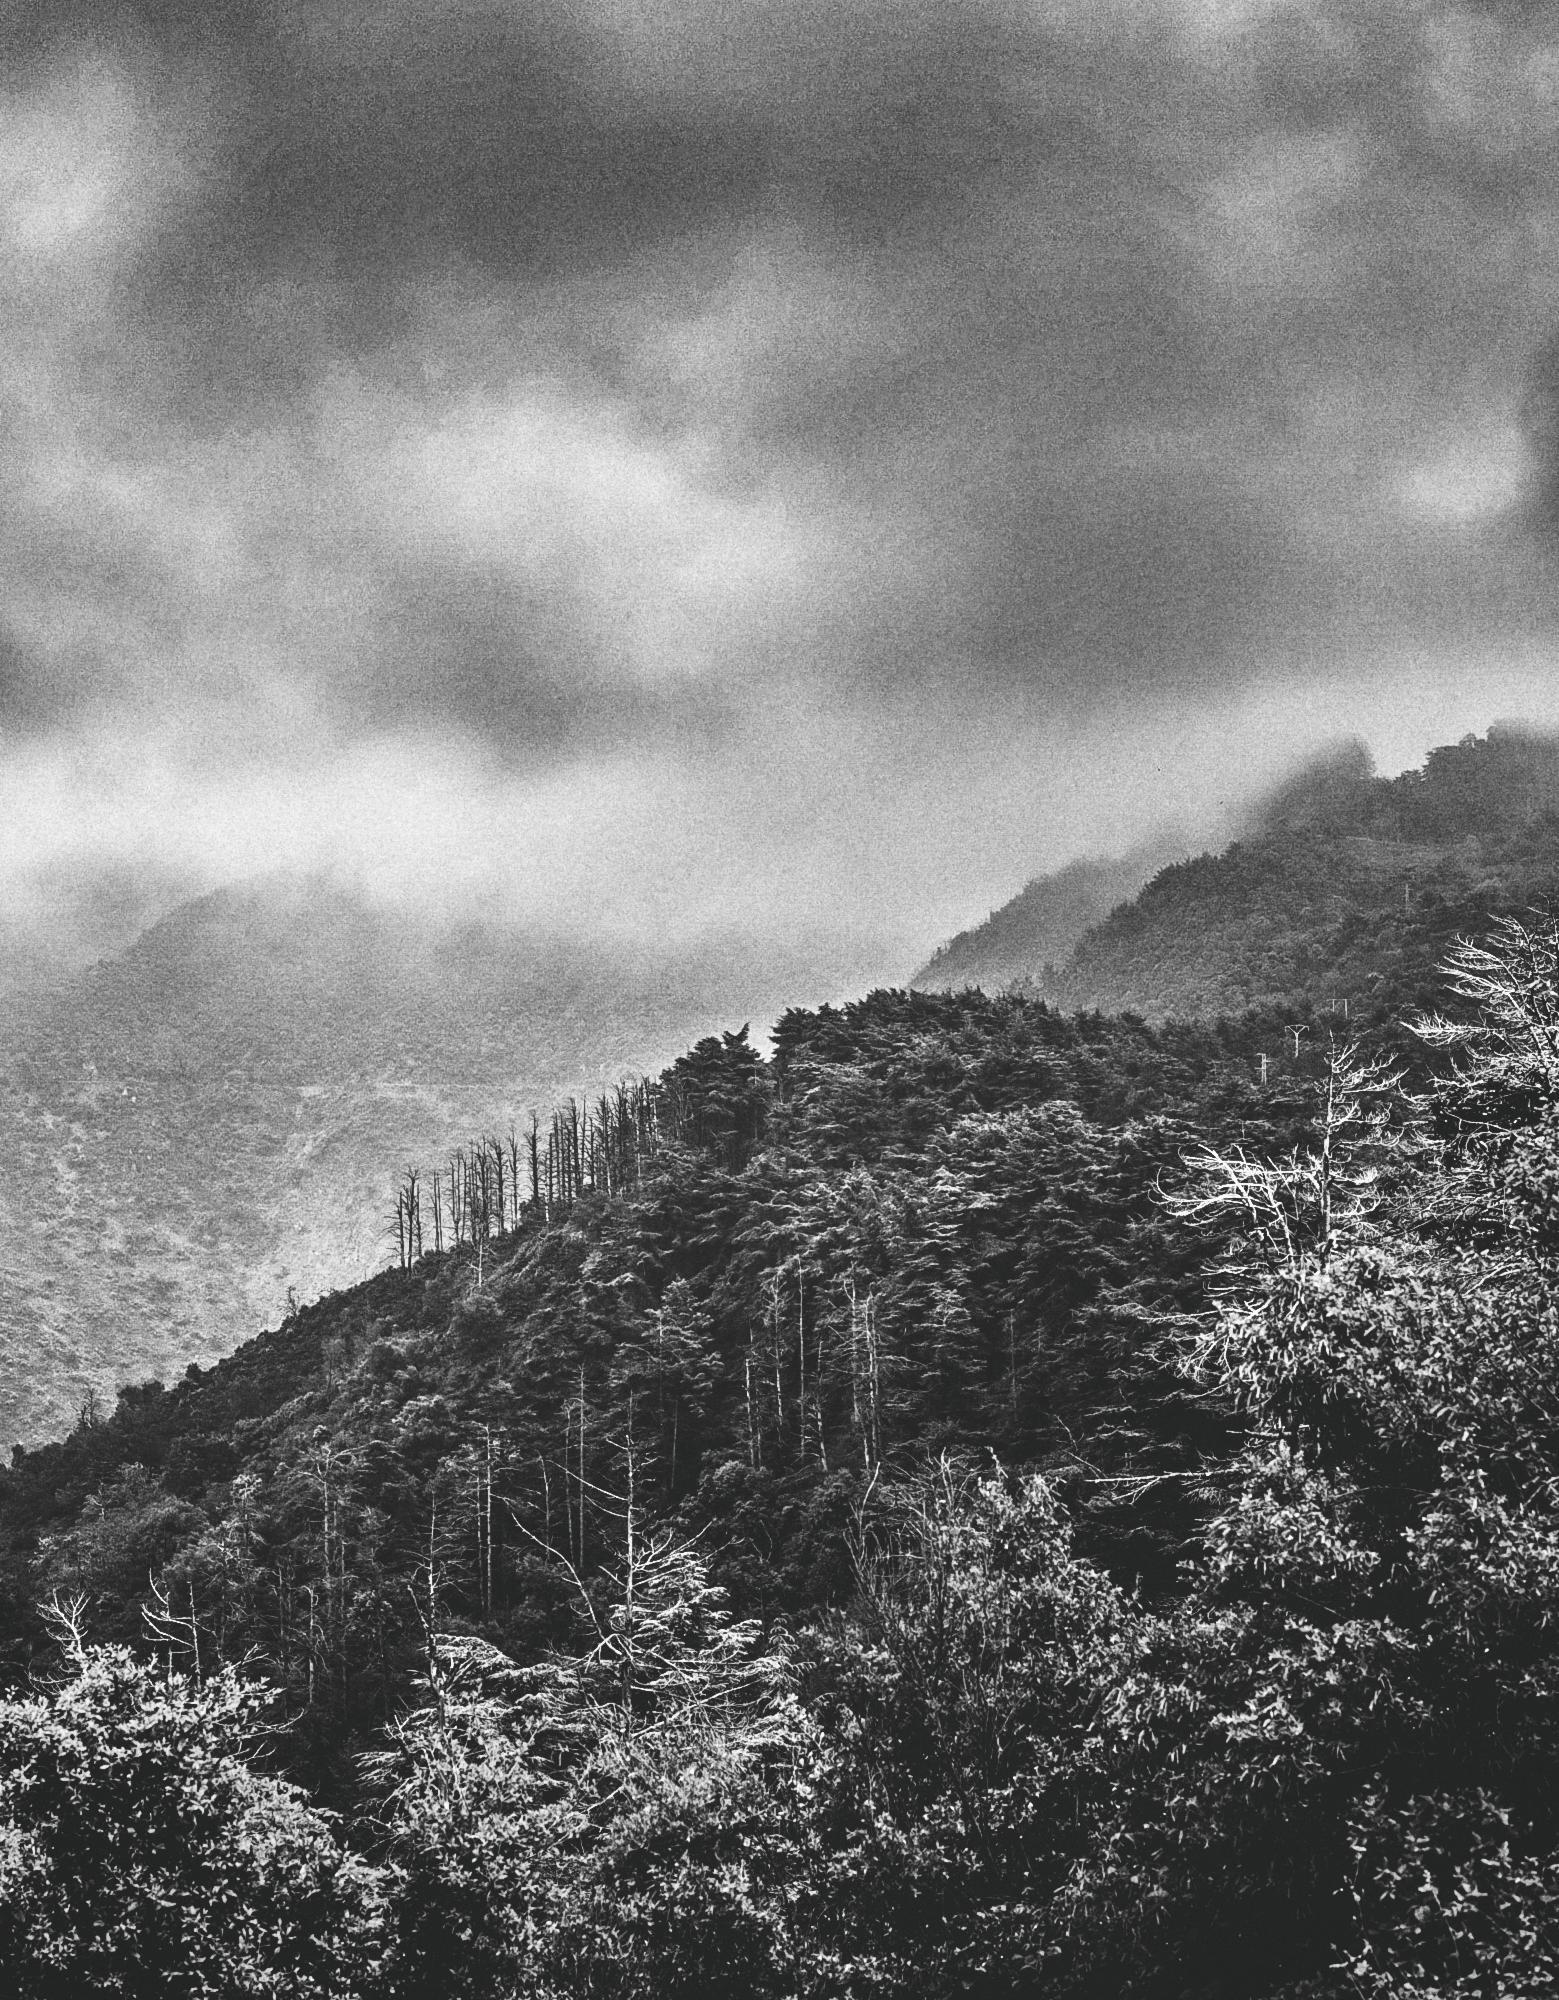 chrea mountains with black & whitei